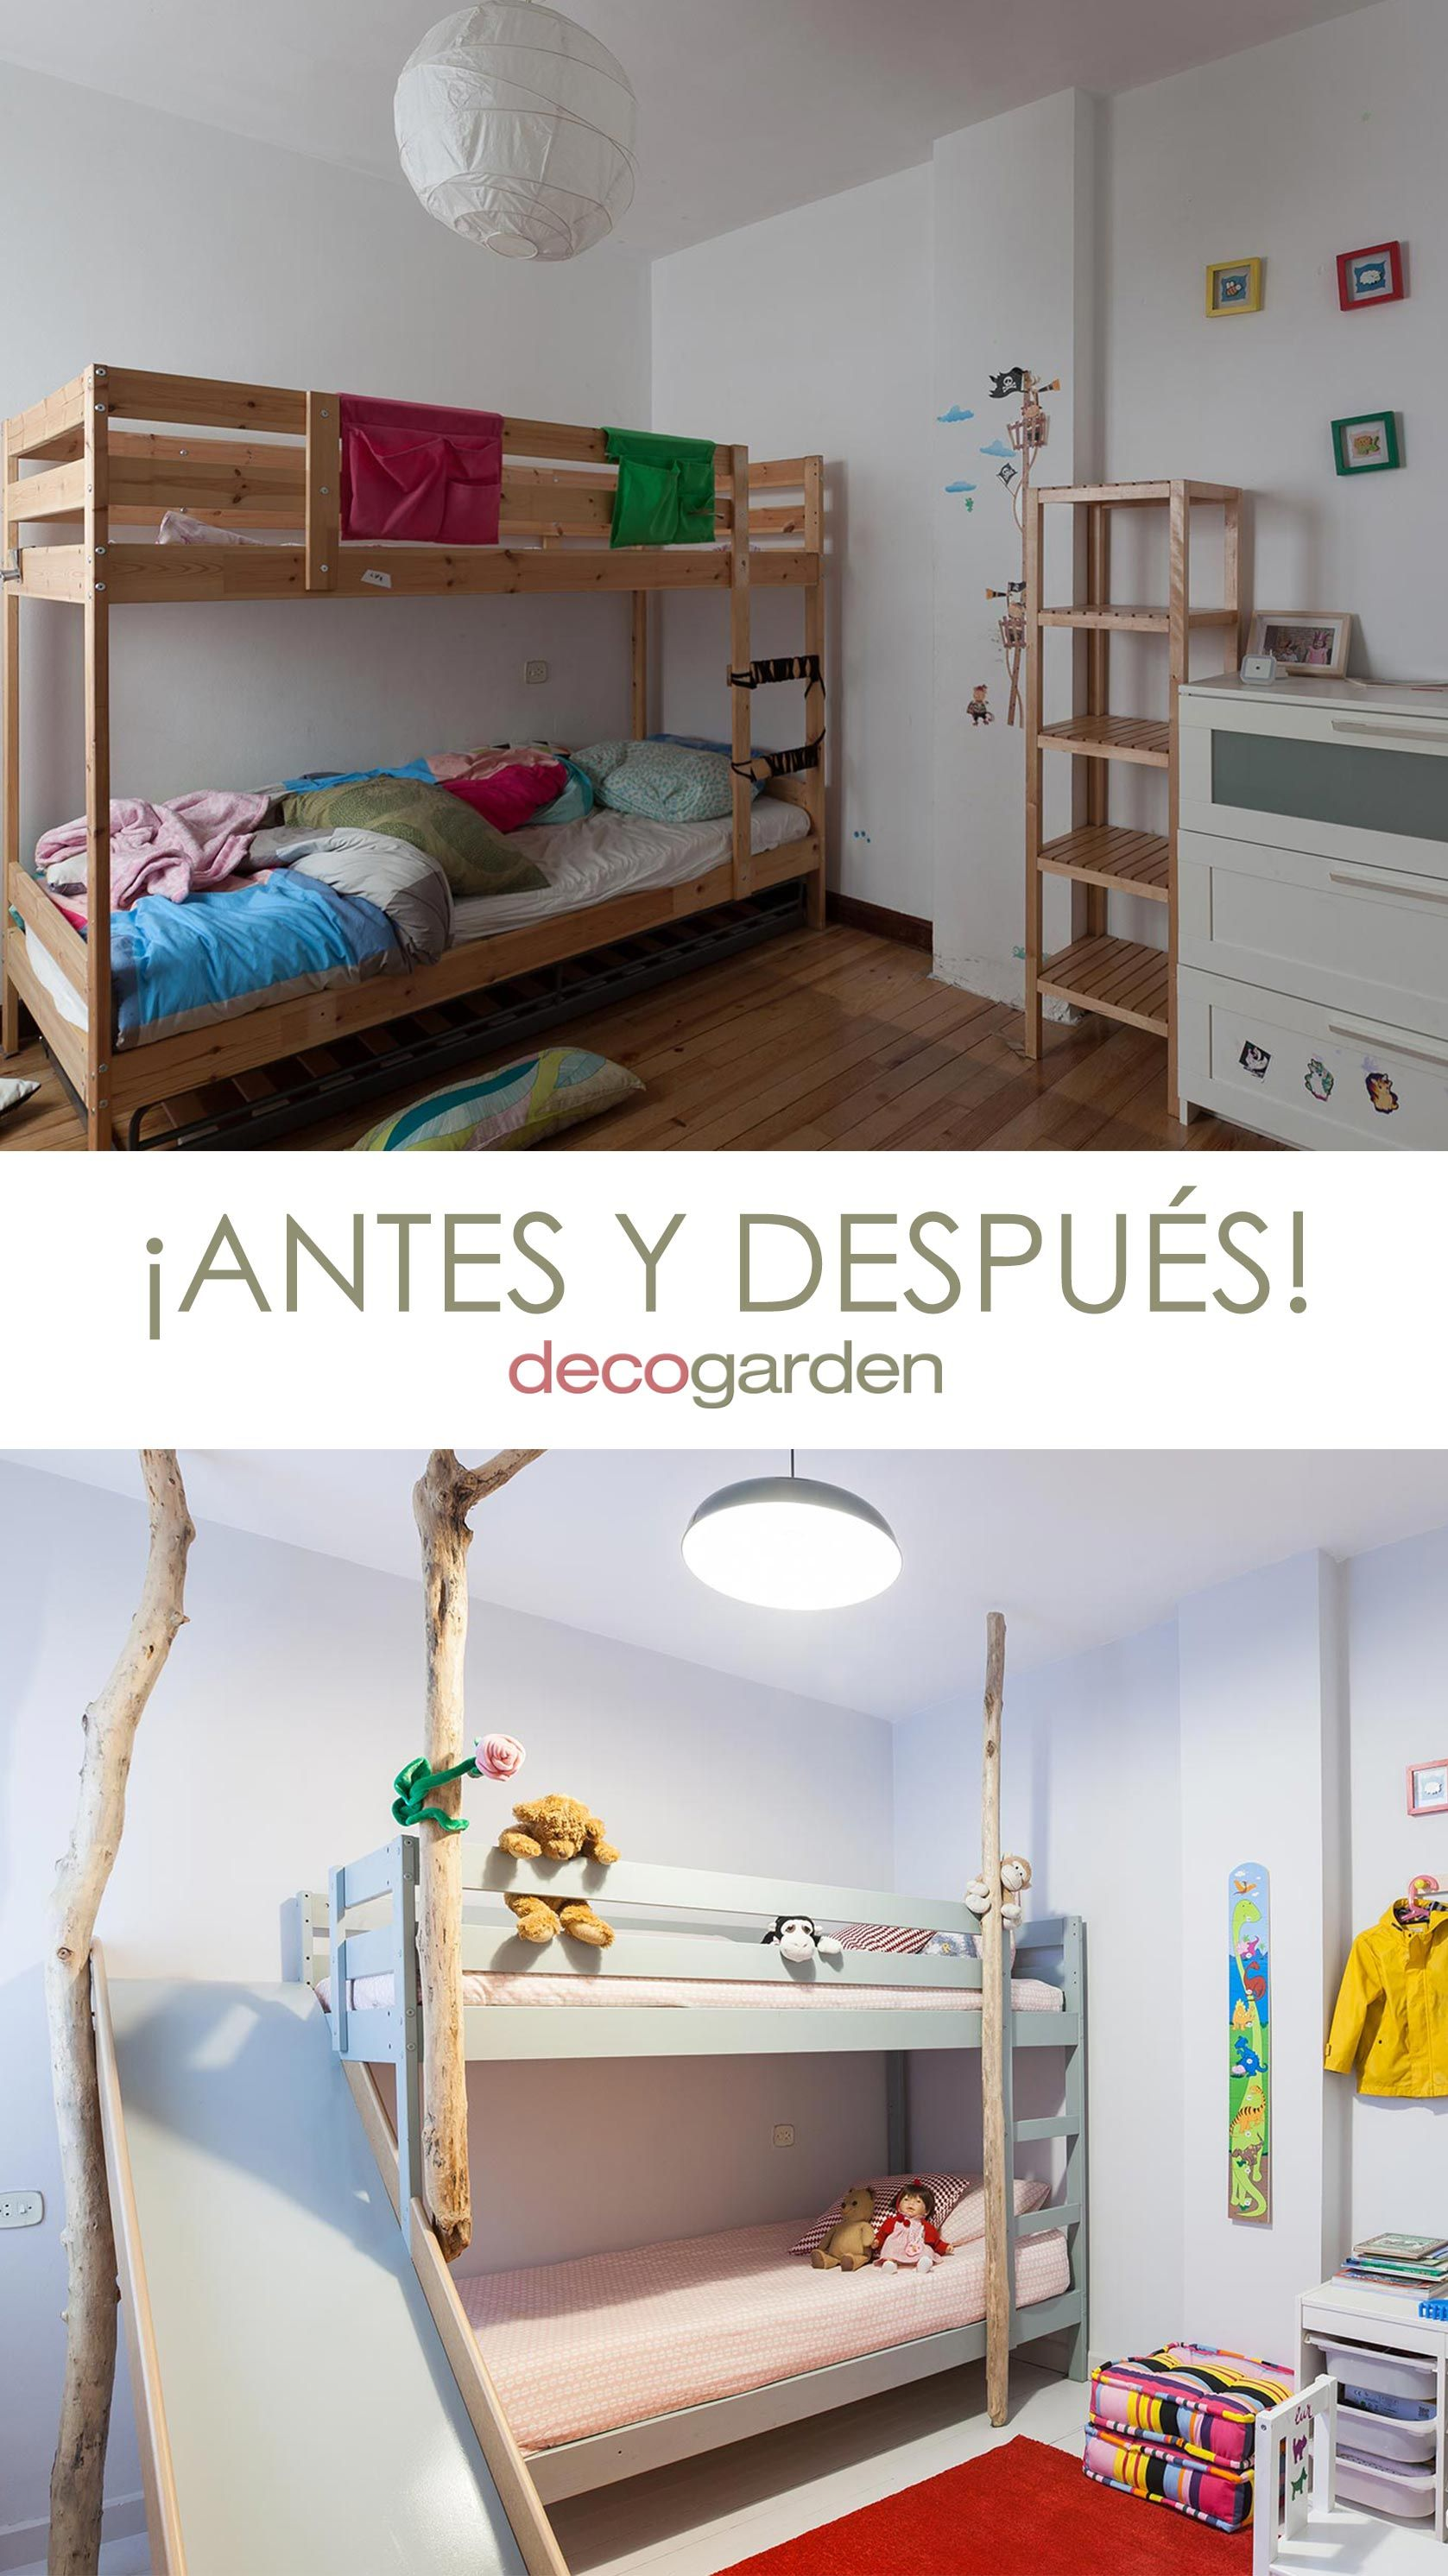 Chambre d'enfants avec lits superposés et toboggan